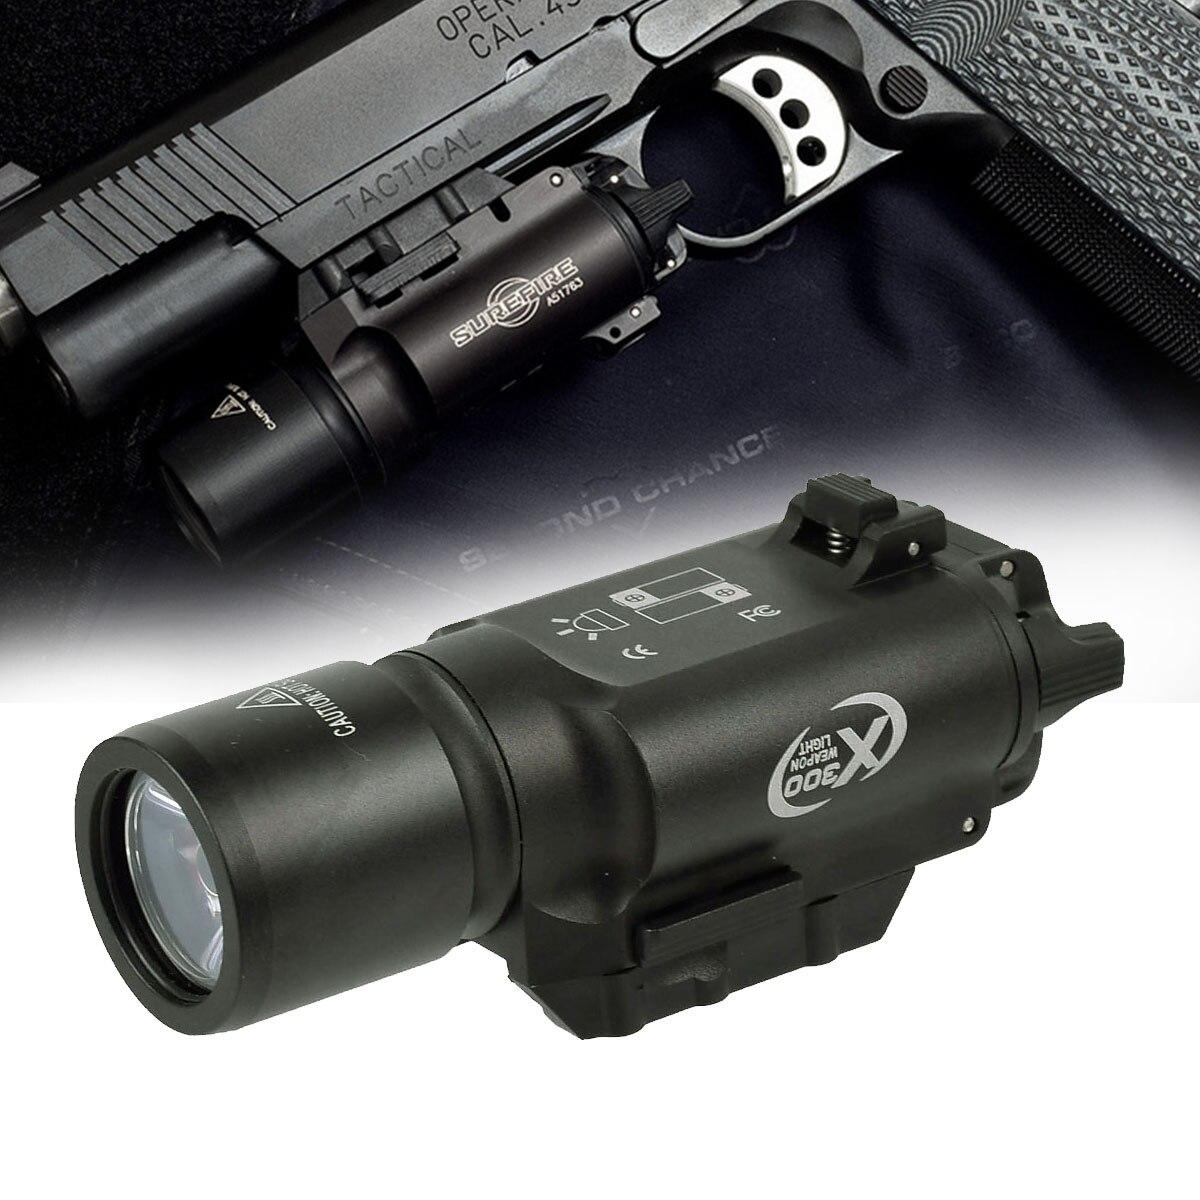 500 Lumens High Output Tactical X300 Pistol Gun Light Weapon light Lanterna Airsoft Flashlight Fit 20mm